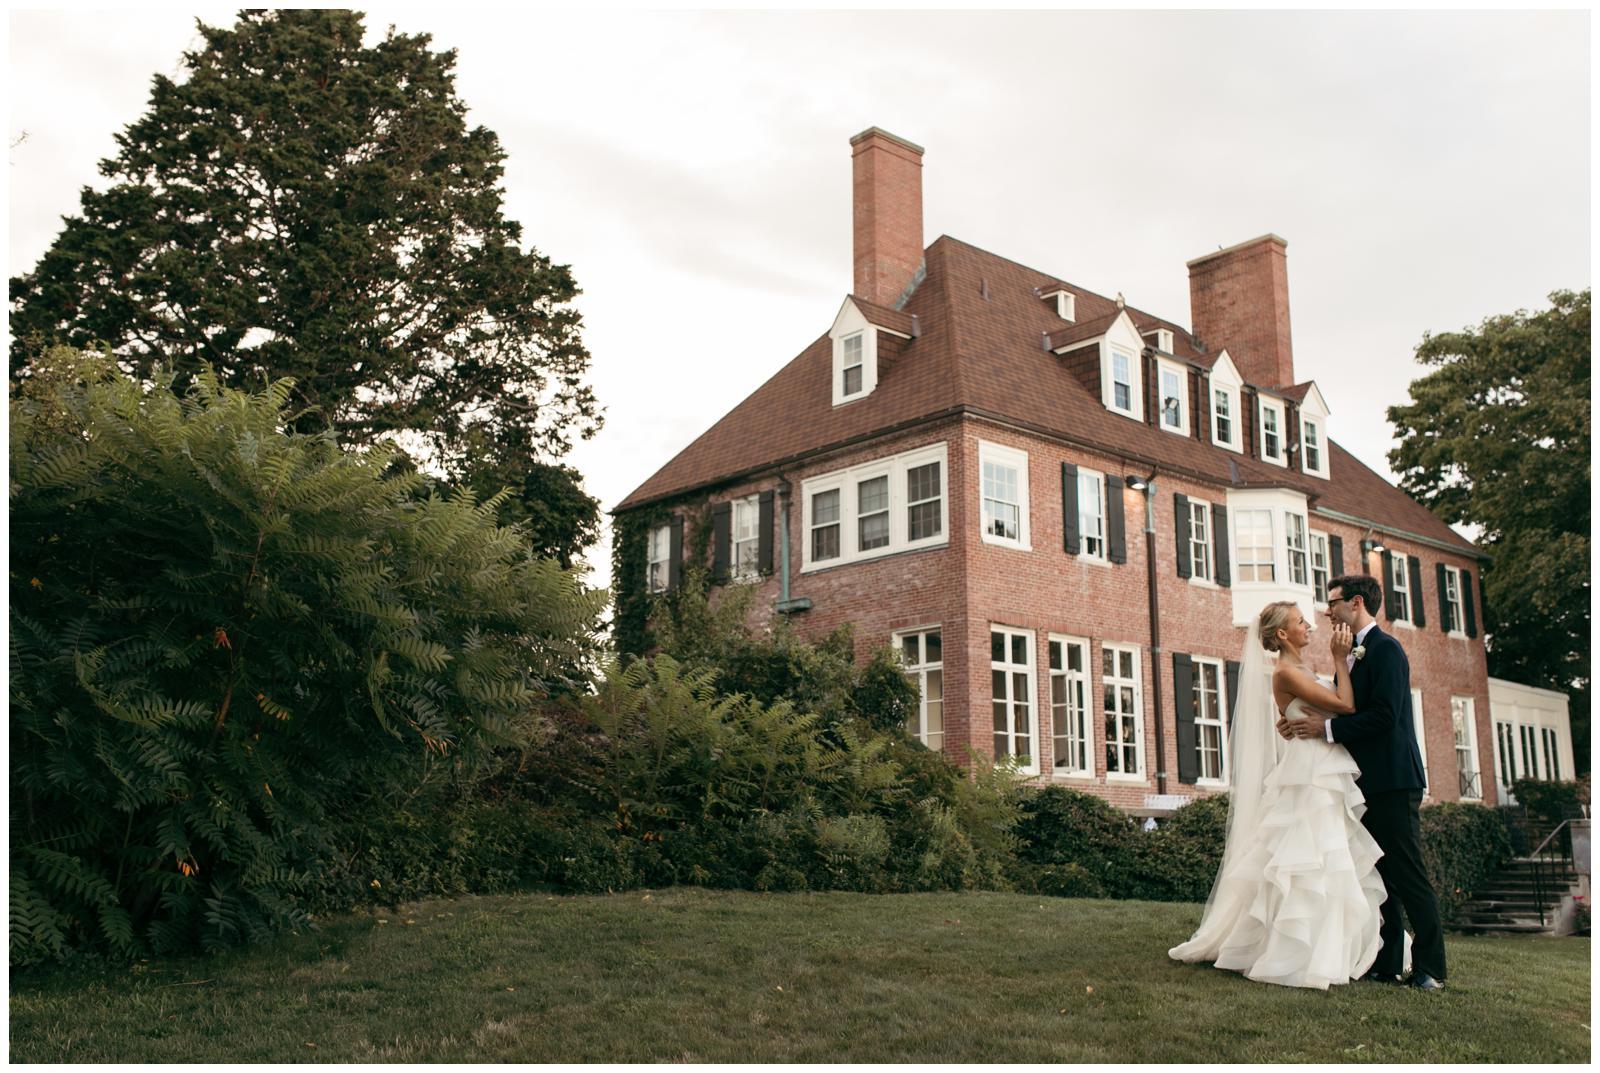 Misselwood at Endicott College Beverly, Massachusetts Wedding summertime